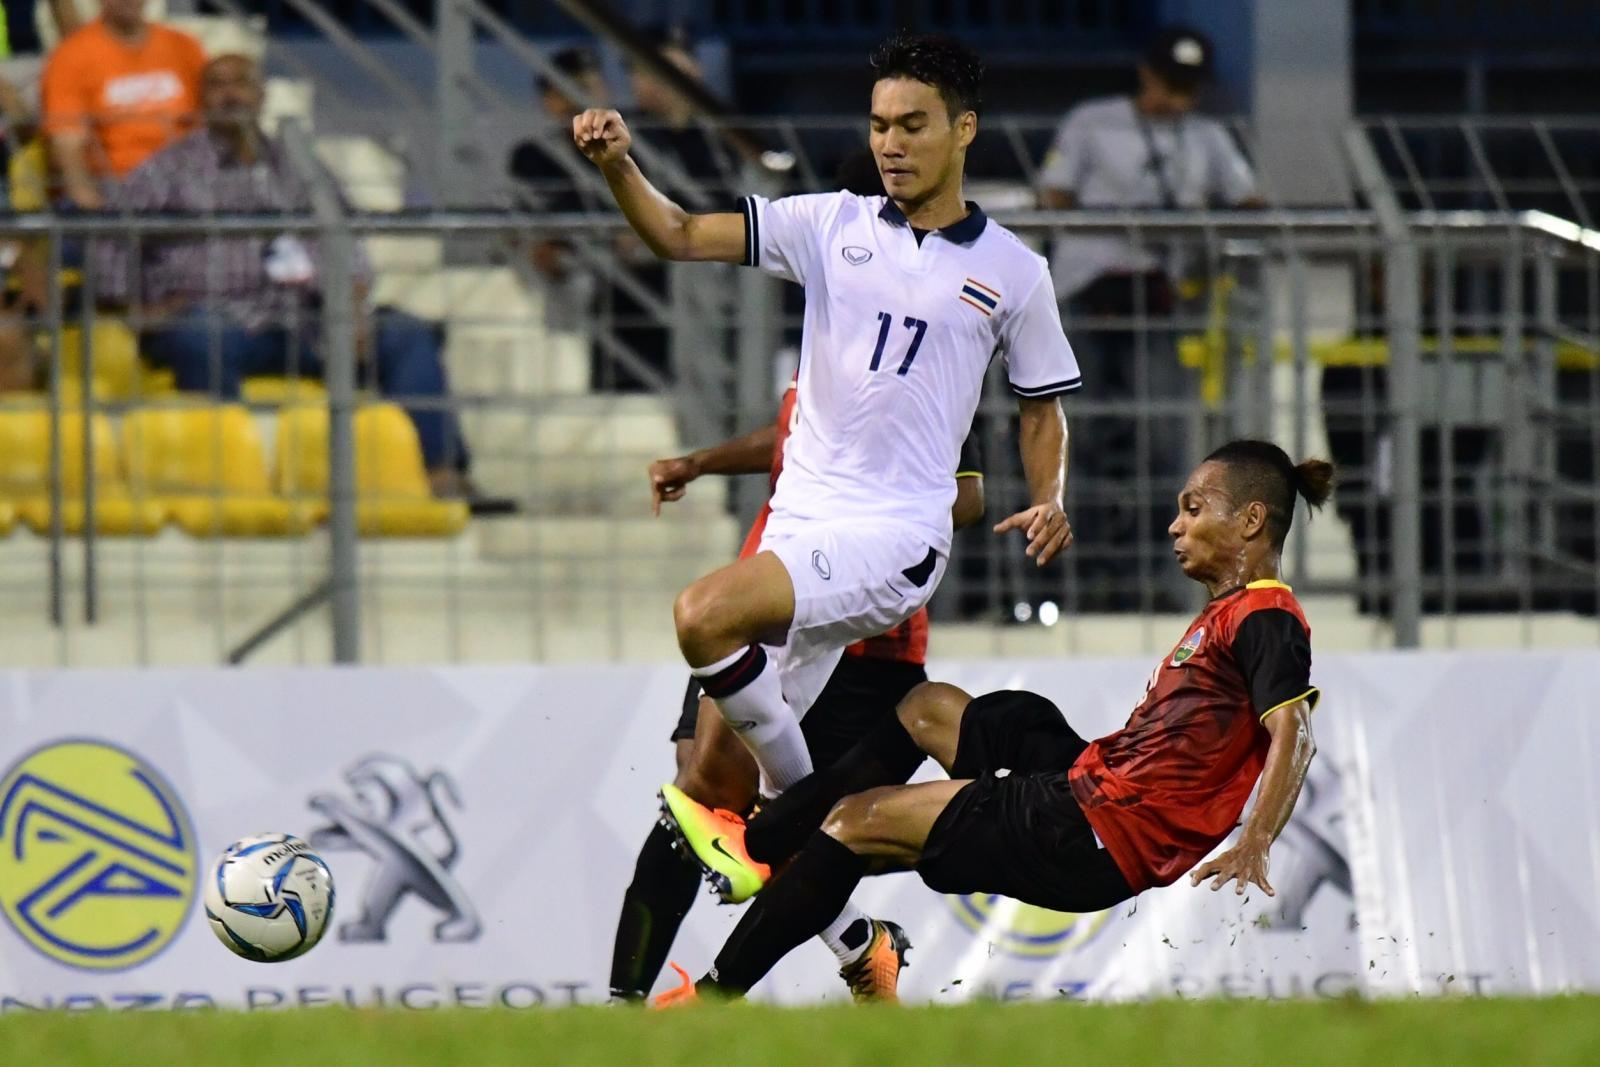 """""""แข้งไทย"""" เฉือน """"ติมอร์"""" 1-0 ประเดิม 3 แต้มแรกซีเกมส์"""